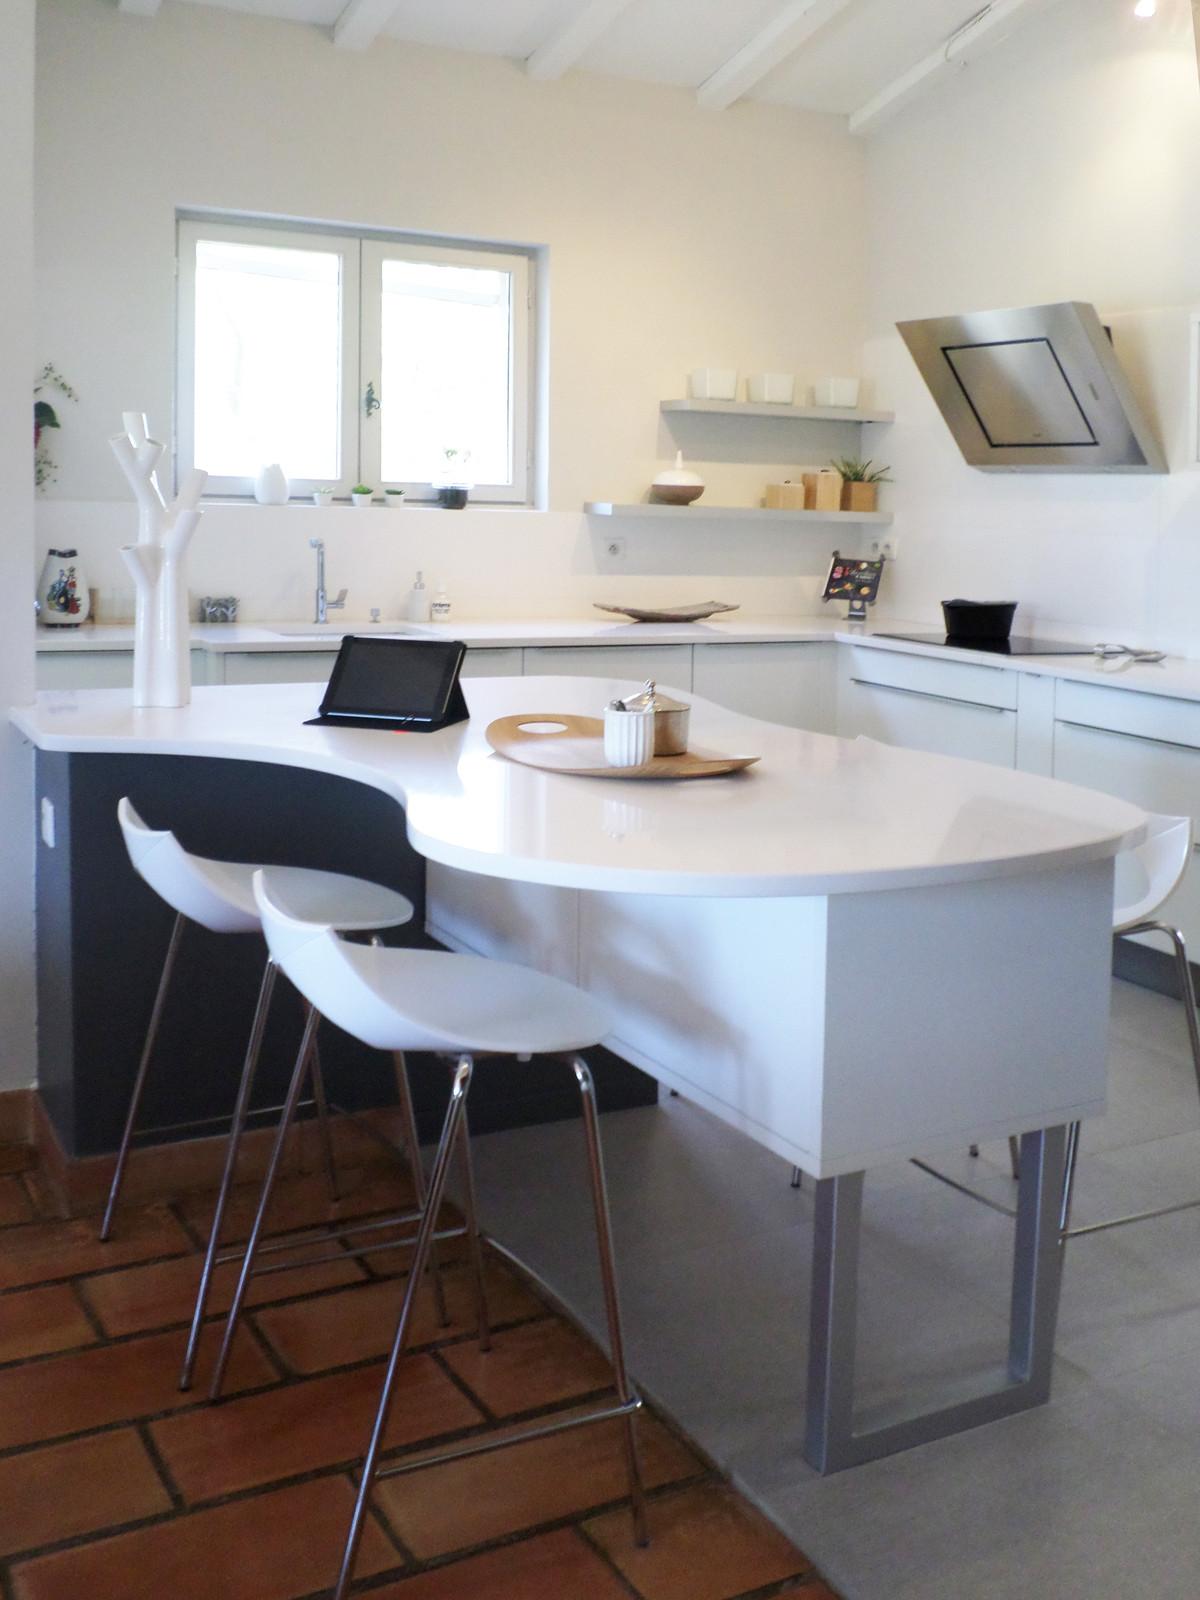 manilay pluquailec architecte d 39 int rieur montpellier et alentours cuisine helene. Black Bedroom Furniture Sets. Home Design Ideas